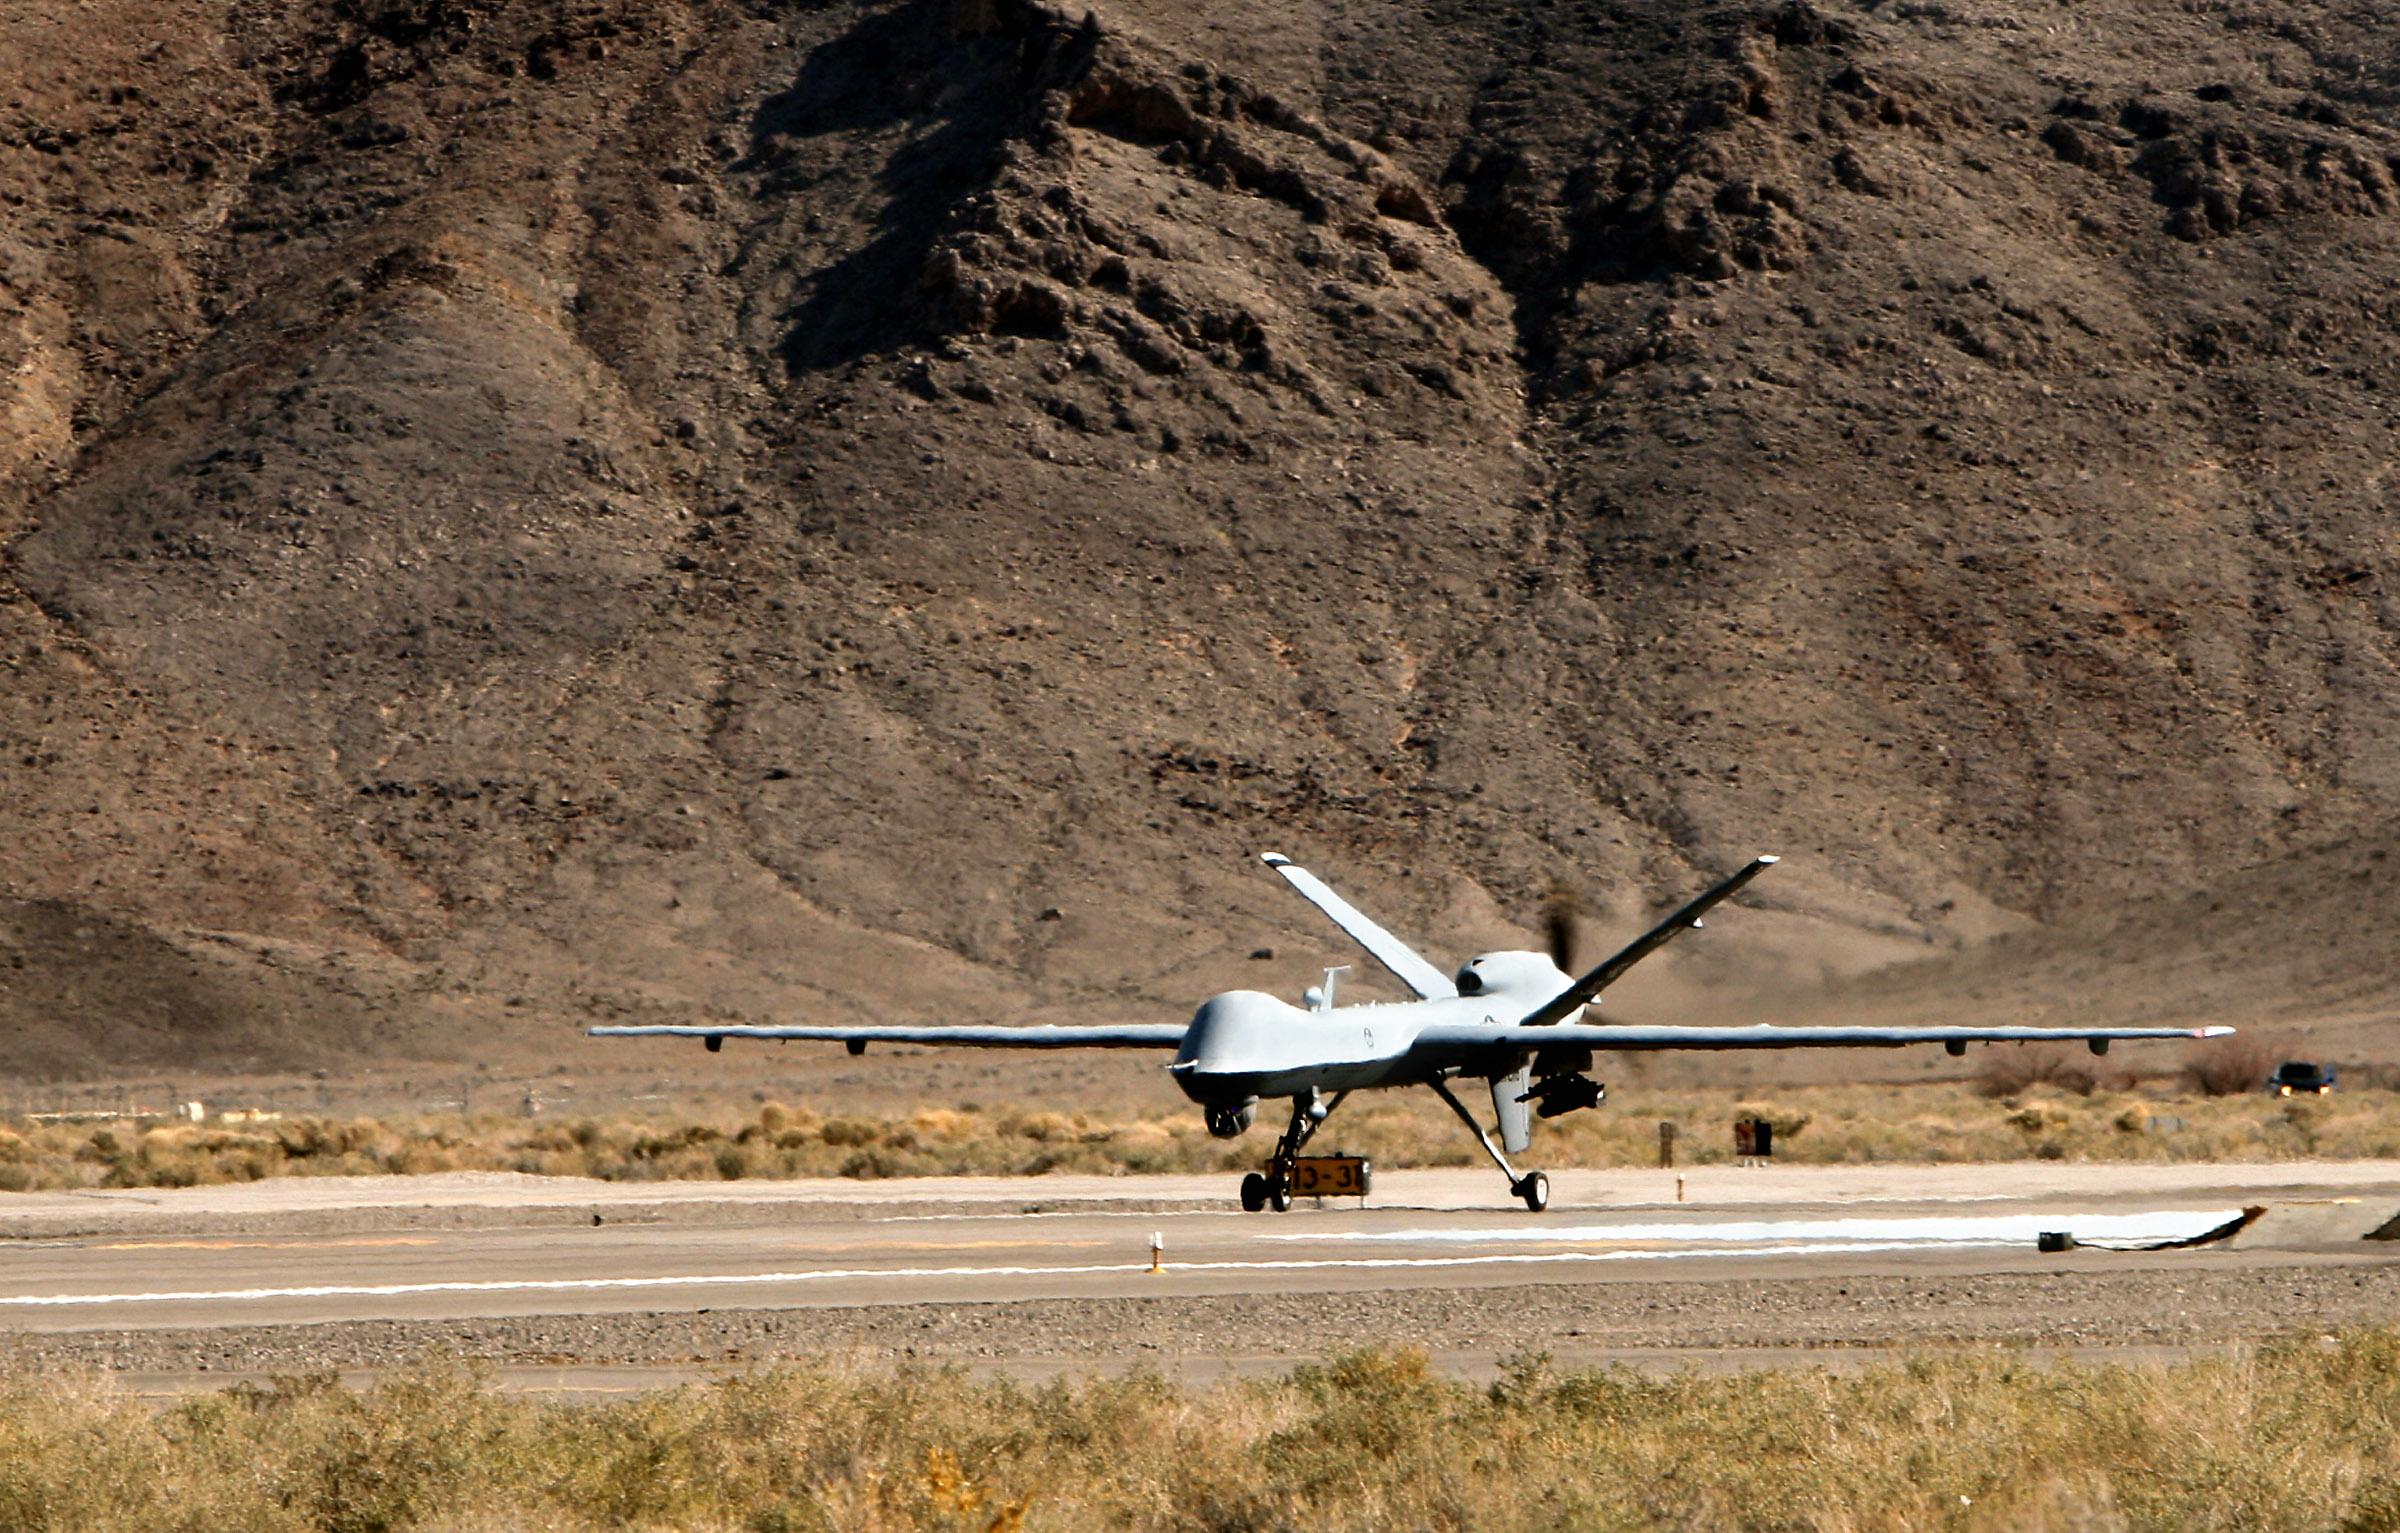 Ecco quali sono (e di chi sono) i droni in uso nei Paesi africani